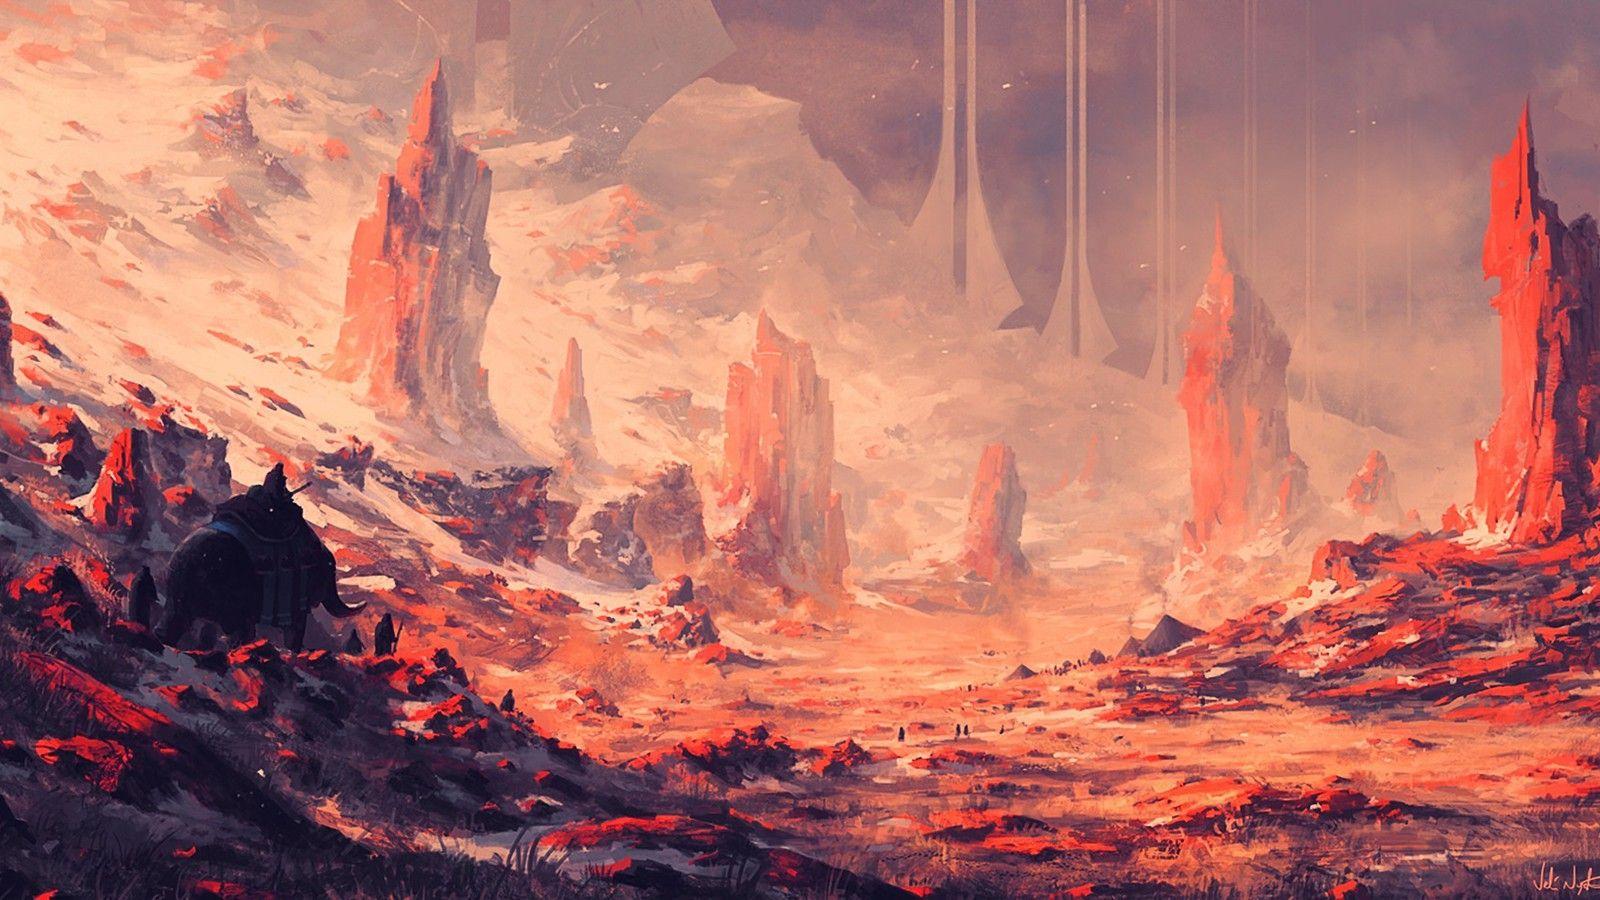 fantasy-art-journey-artwork-1600x900-wallpaper.jpg (1600×900)